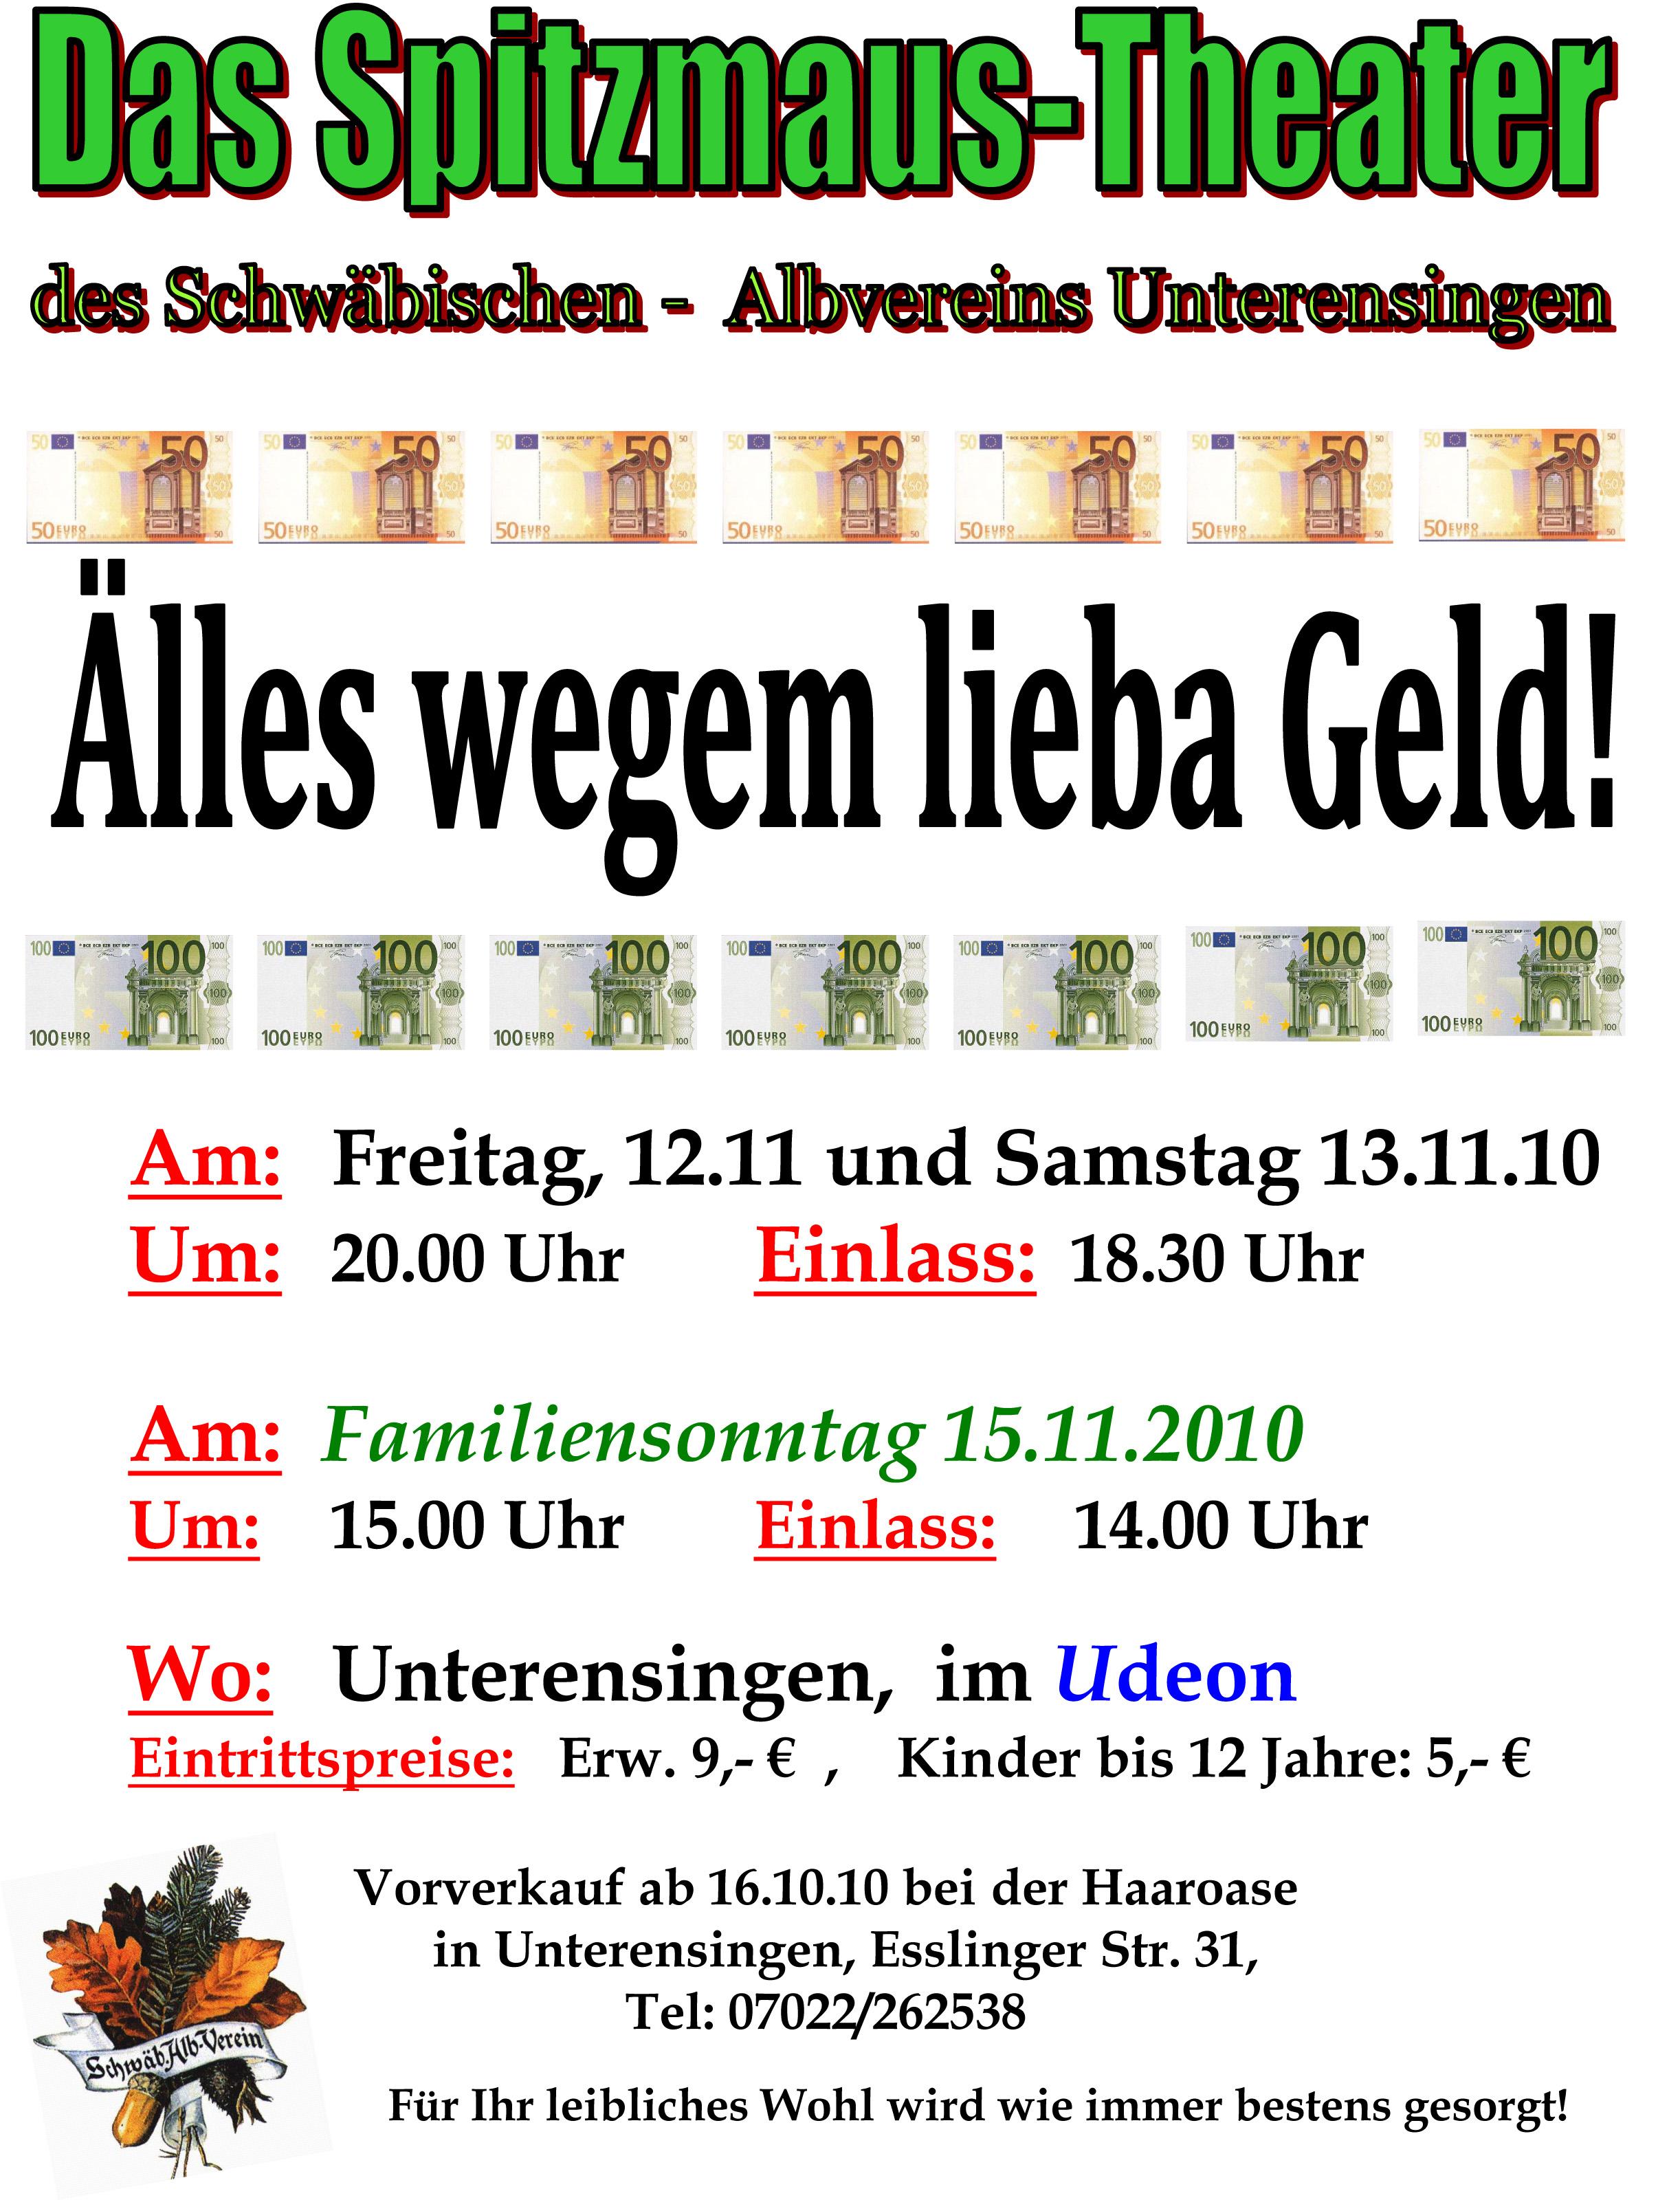 Plakat_2010_Älles-wg-lieba-Geld